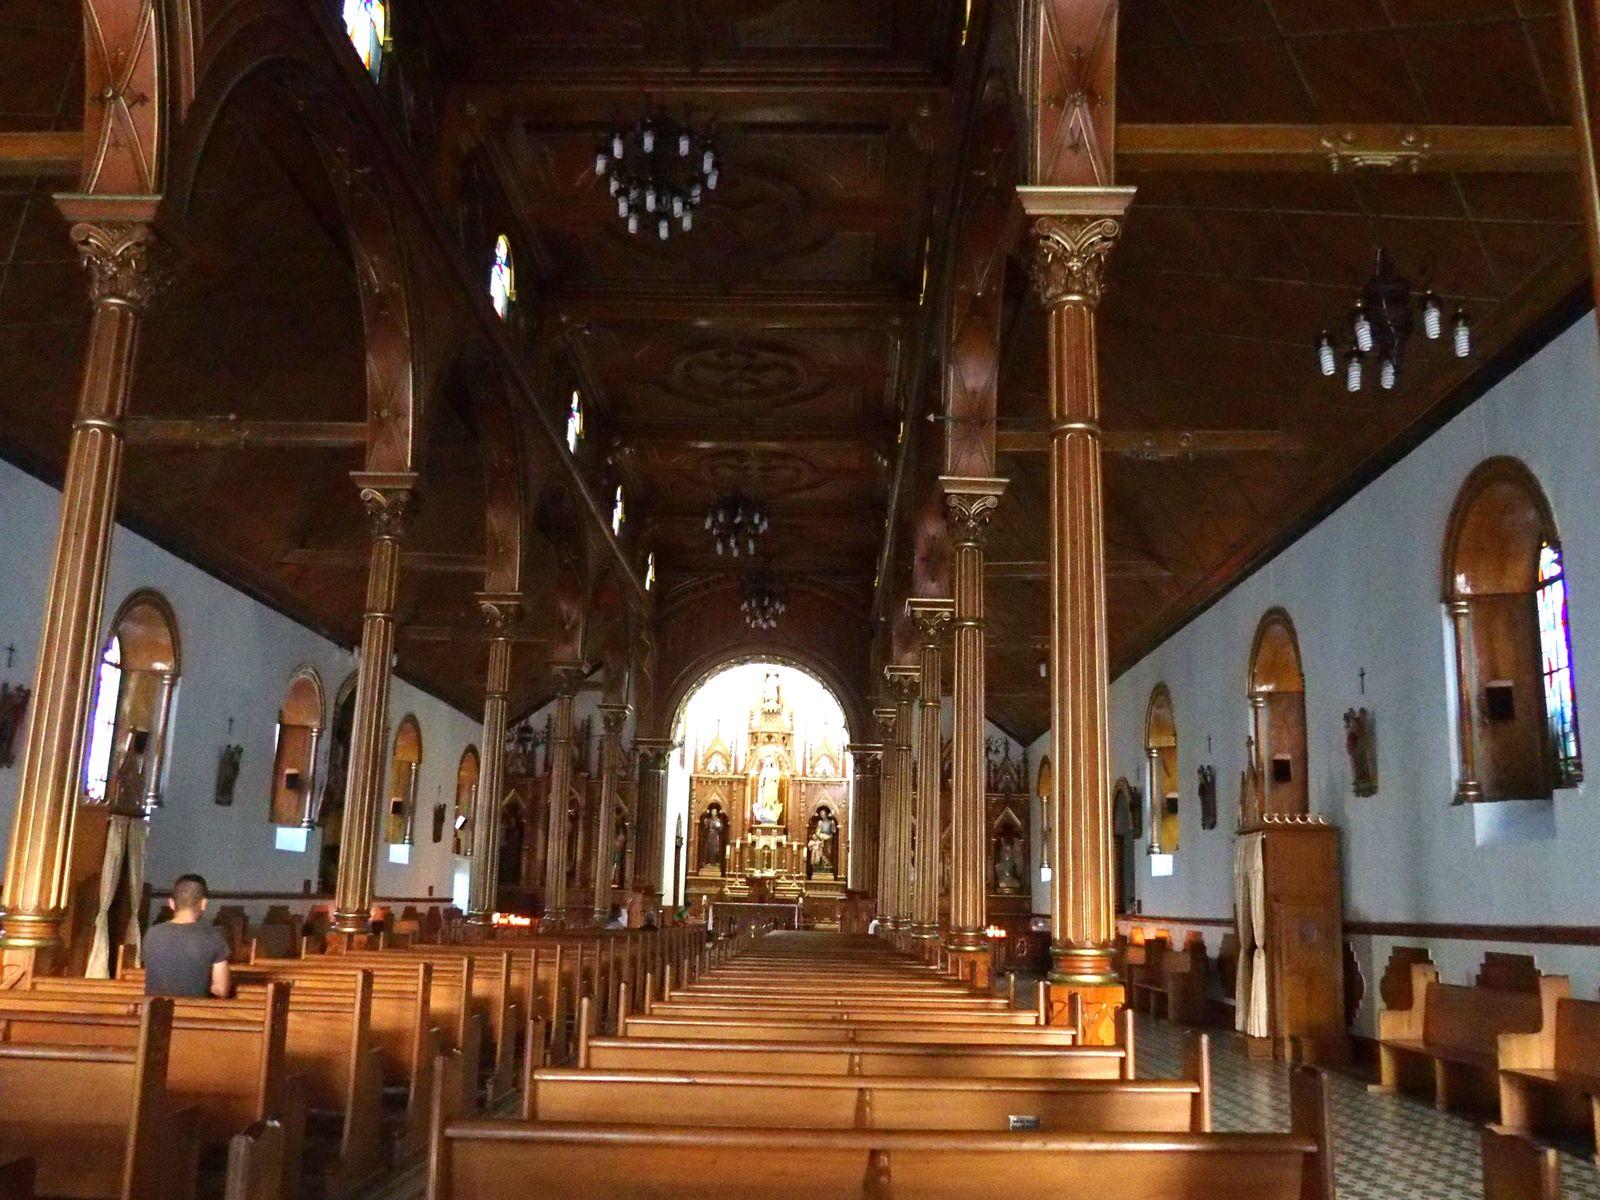 Visiter l'intérieur de l'Eglise de Salento Colombie